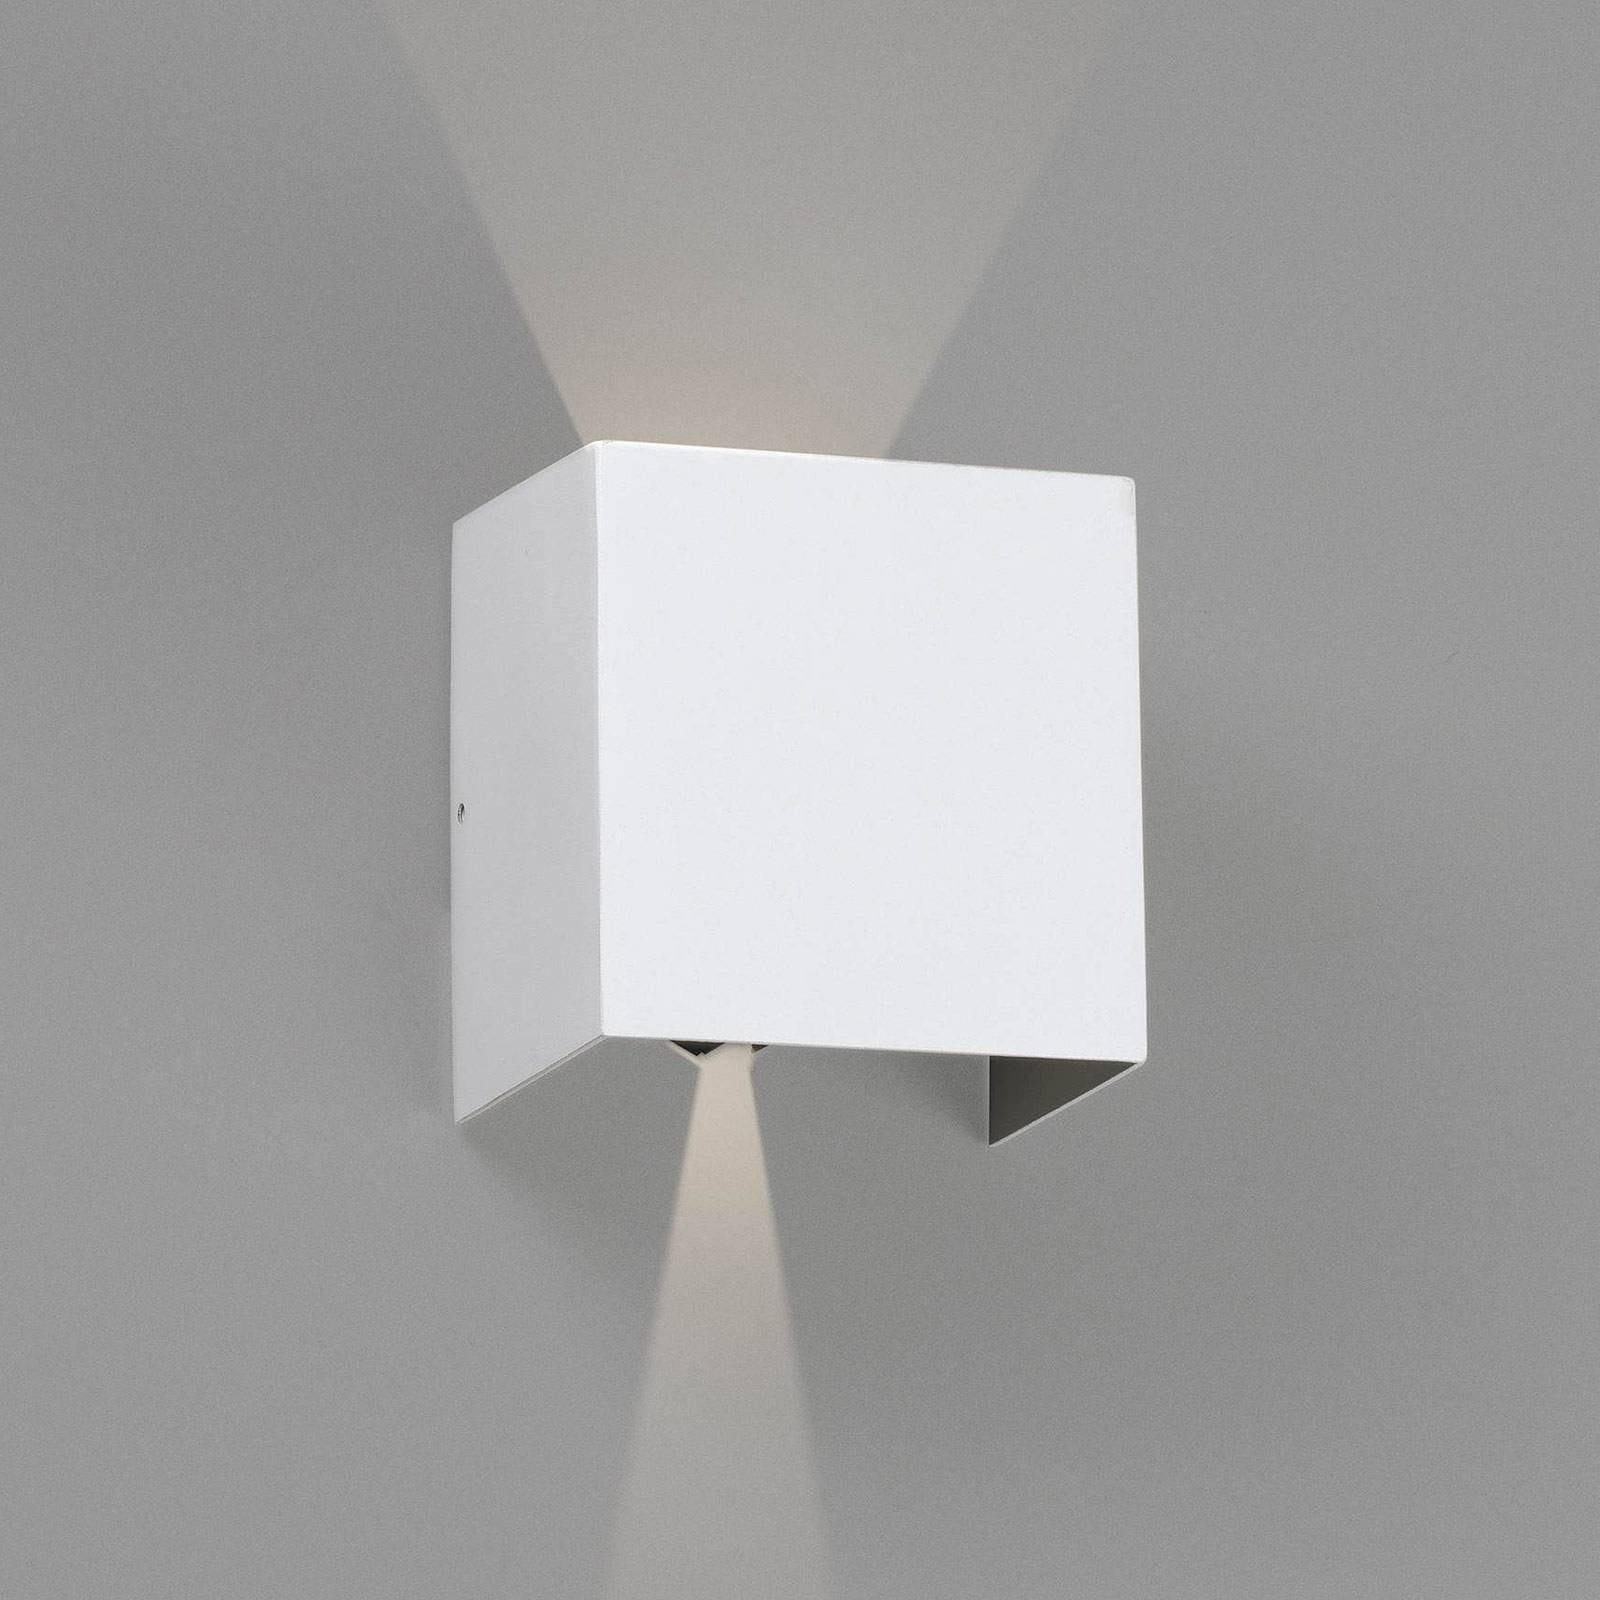 Utendørs LED-vegglampe Olan, hvit